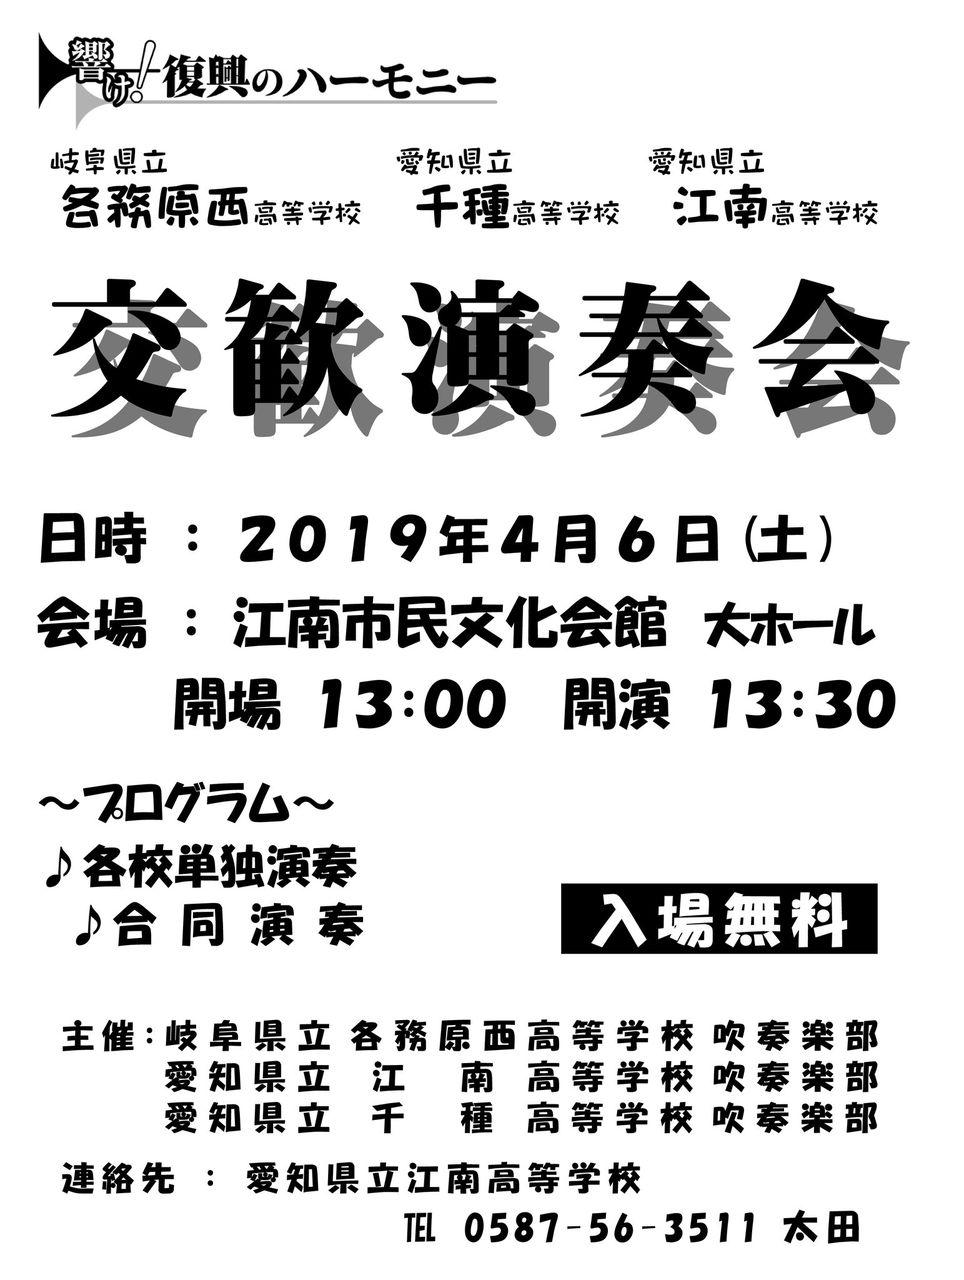 江南高校、千種高校、各務原西高校『交歓演奏会』